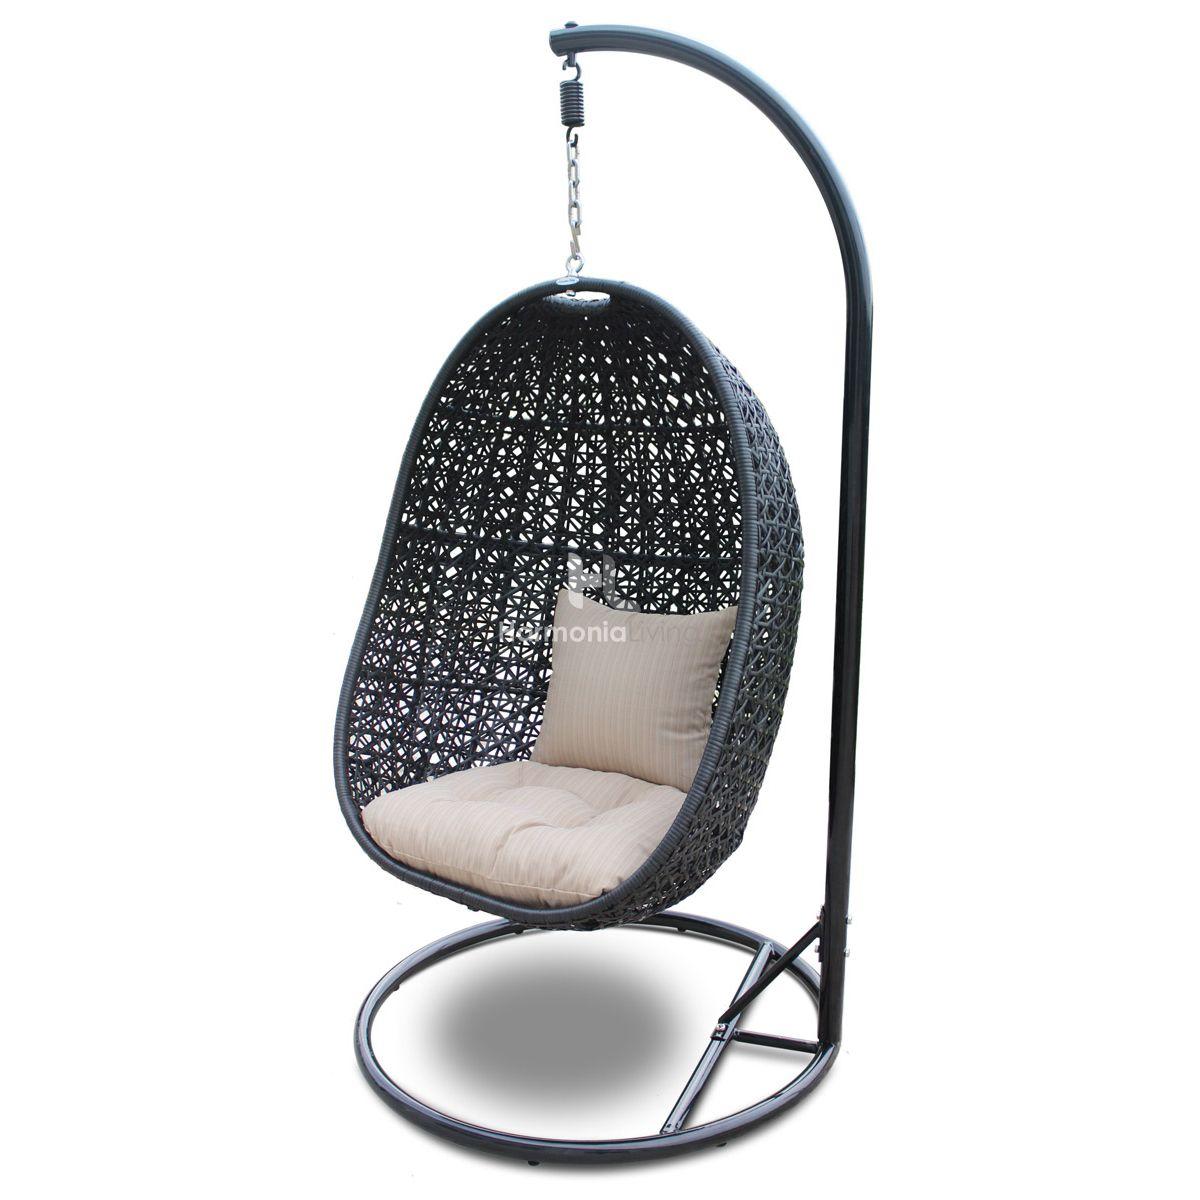 Nimbus Outdoor Hanging Chair Hangstoel Schommelstoel Meisjeskamer